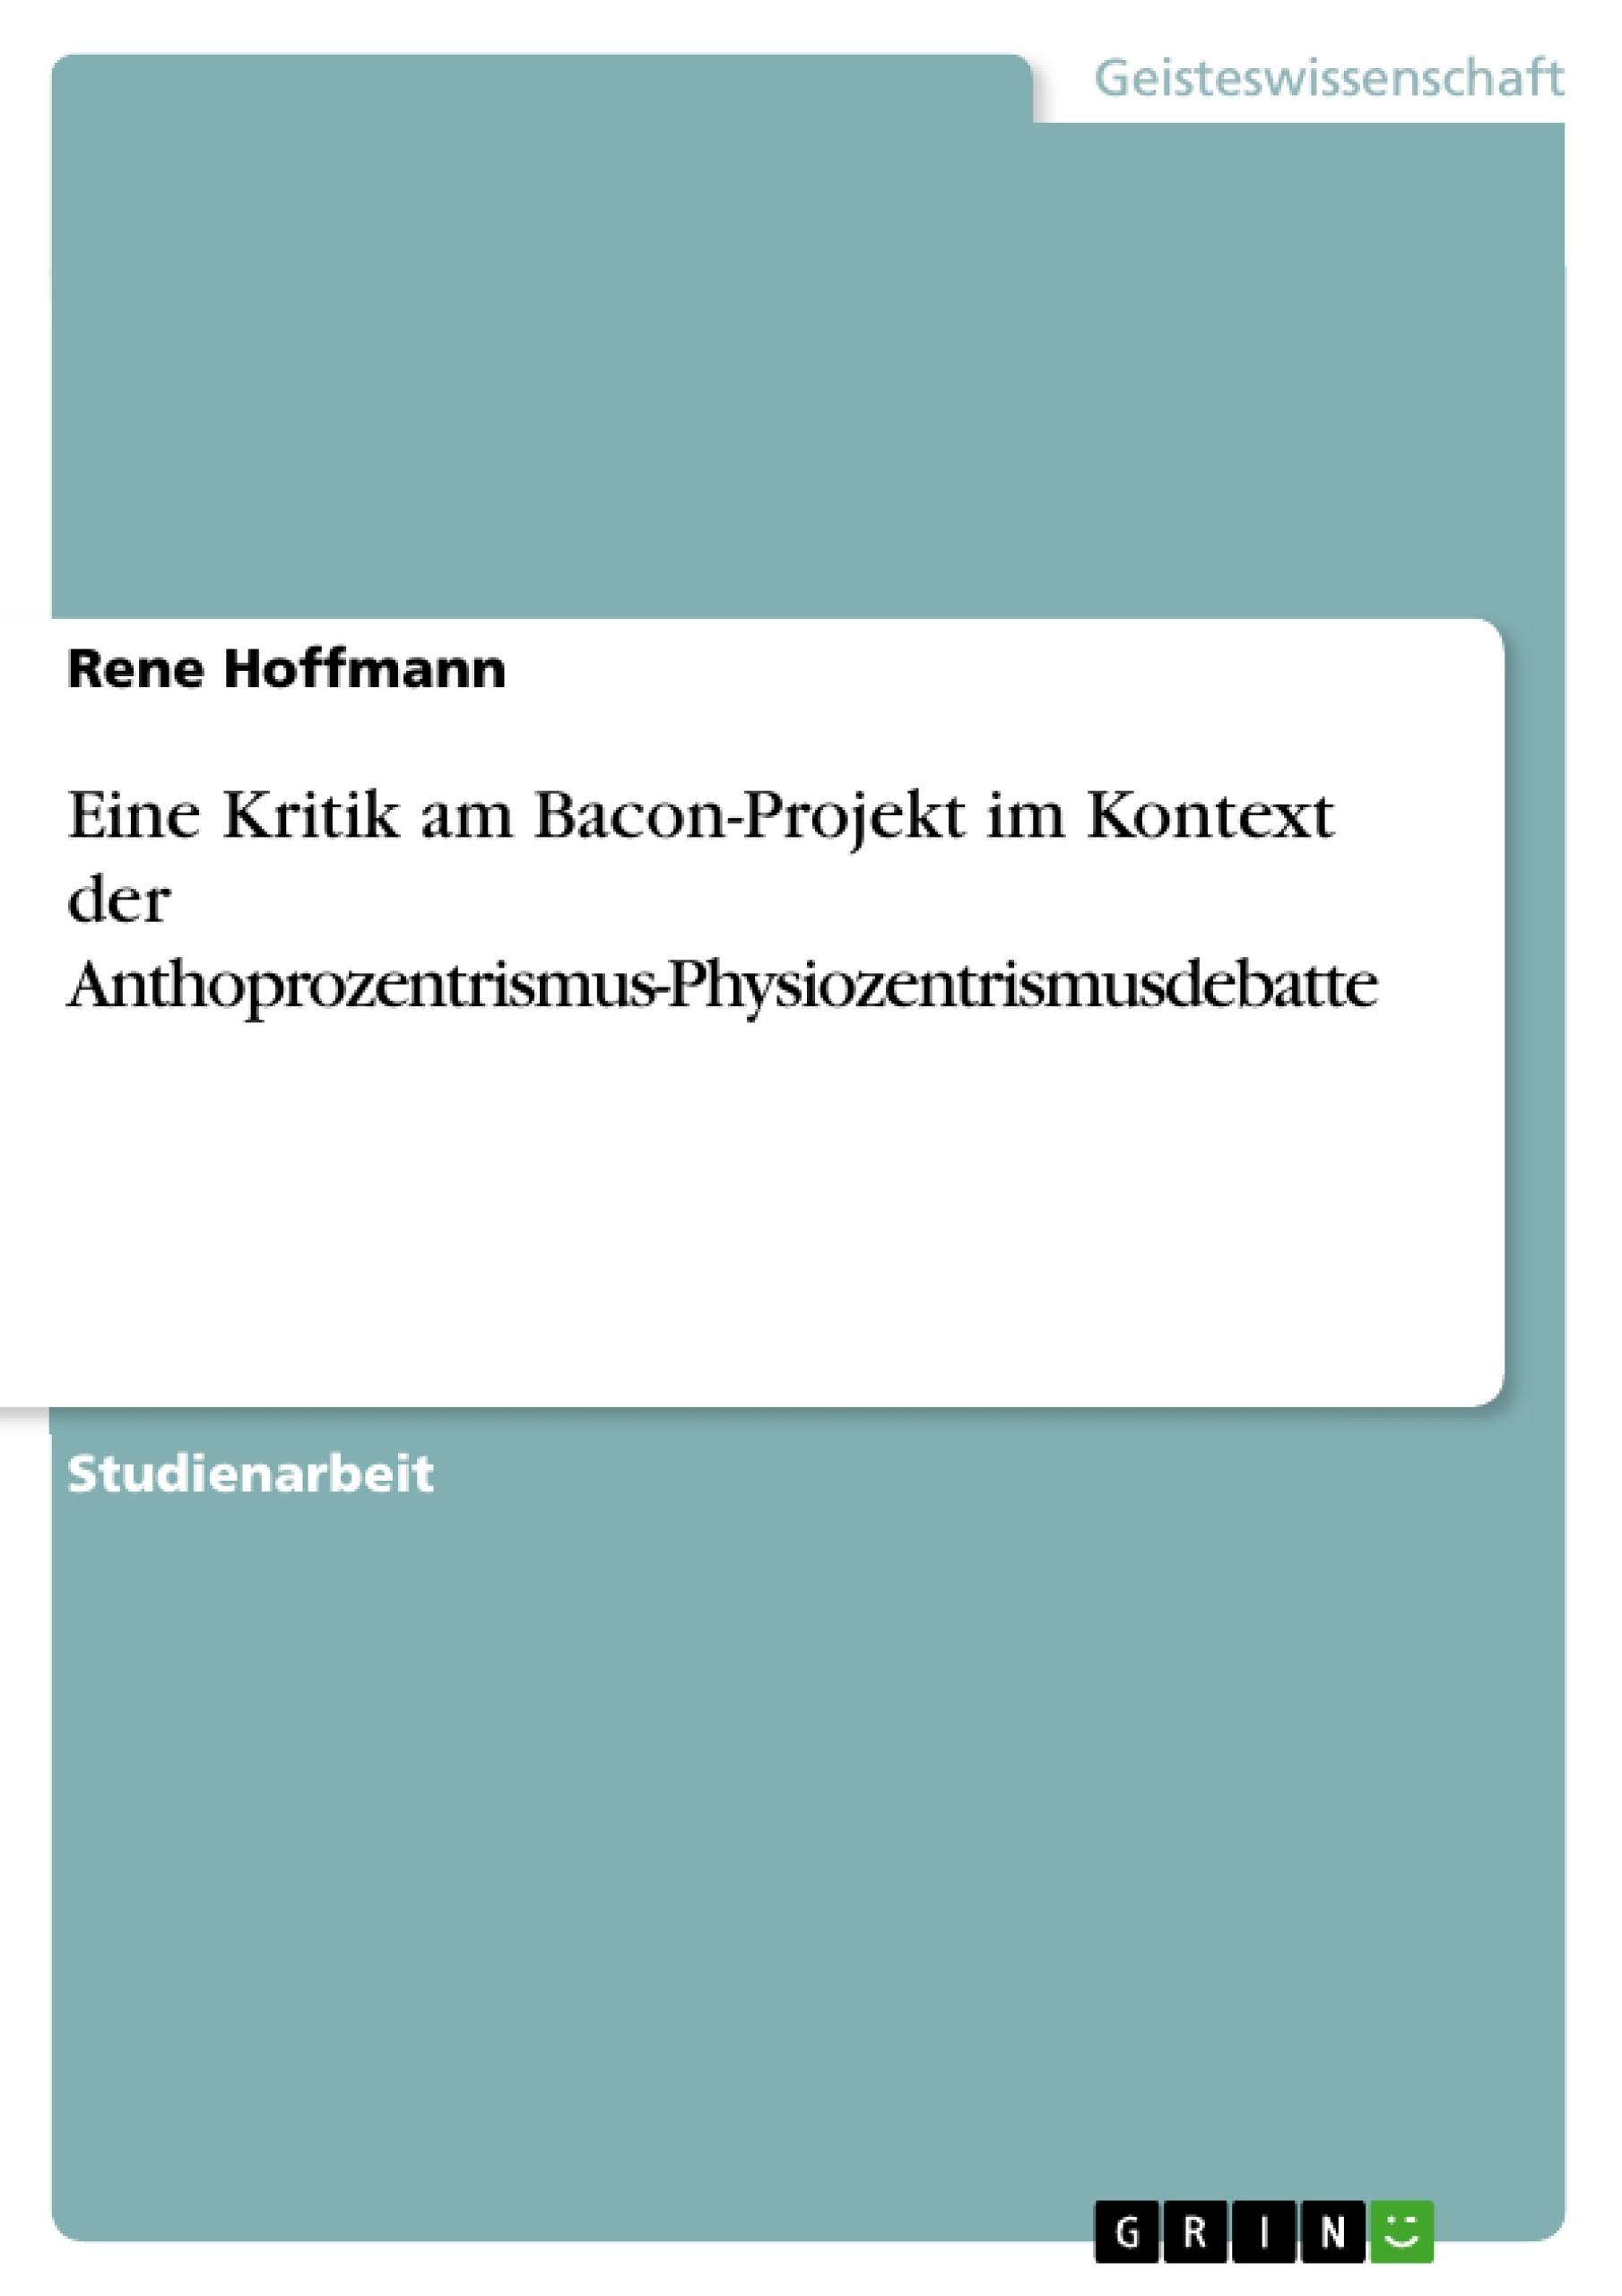 Titel: Eine Kritik am Bacon-Projekt im Kontext der Anthoprozentrismus-Physiozentrismusdebatte